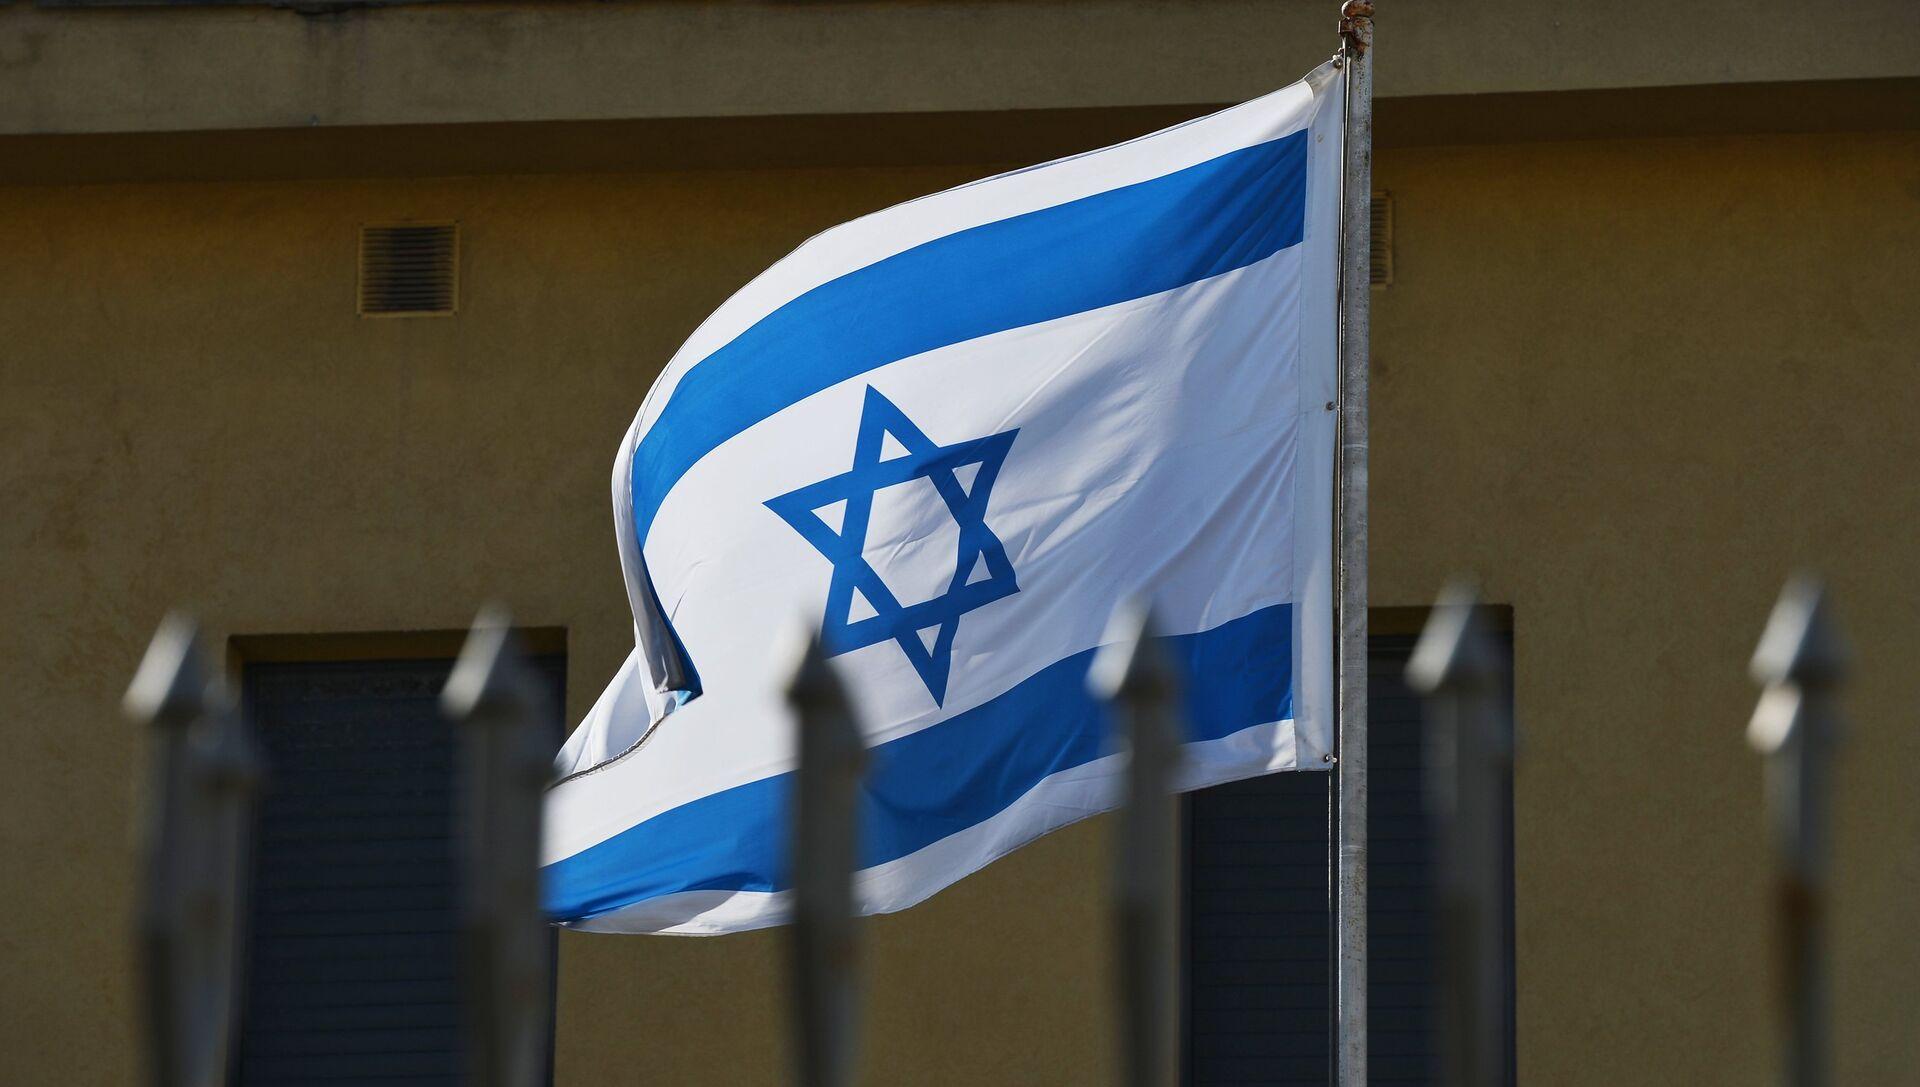 Посольство Израиля в Москве прекратило работу из-за забастовки дипломатов - РИА Новости, 1920, 13.11.2020